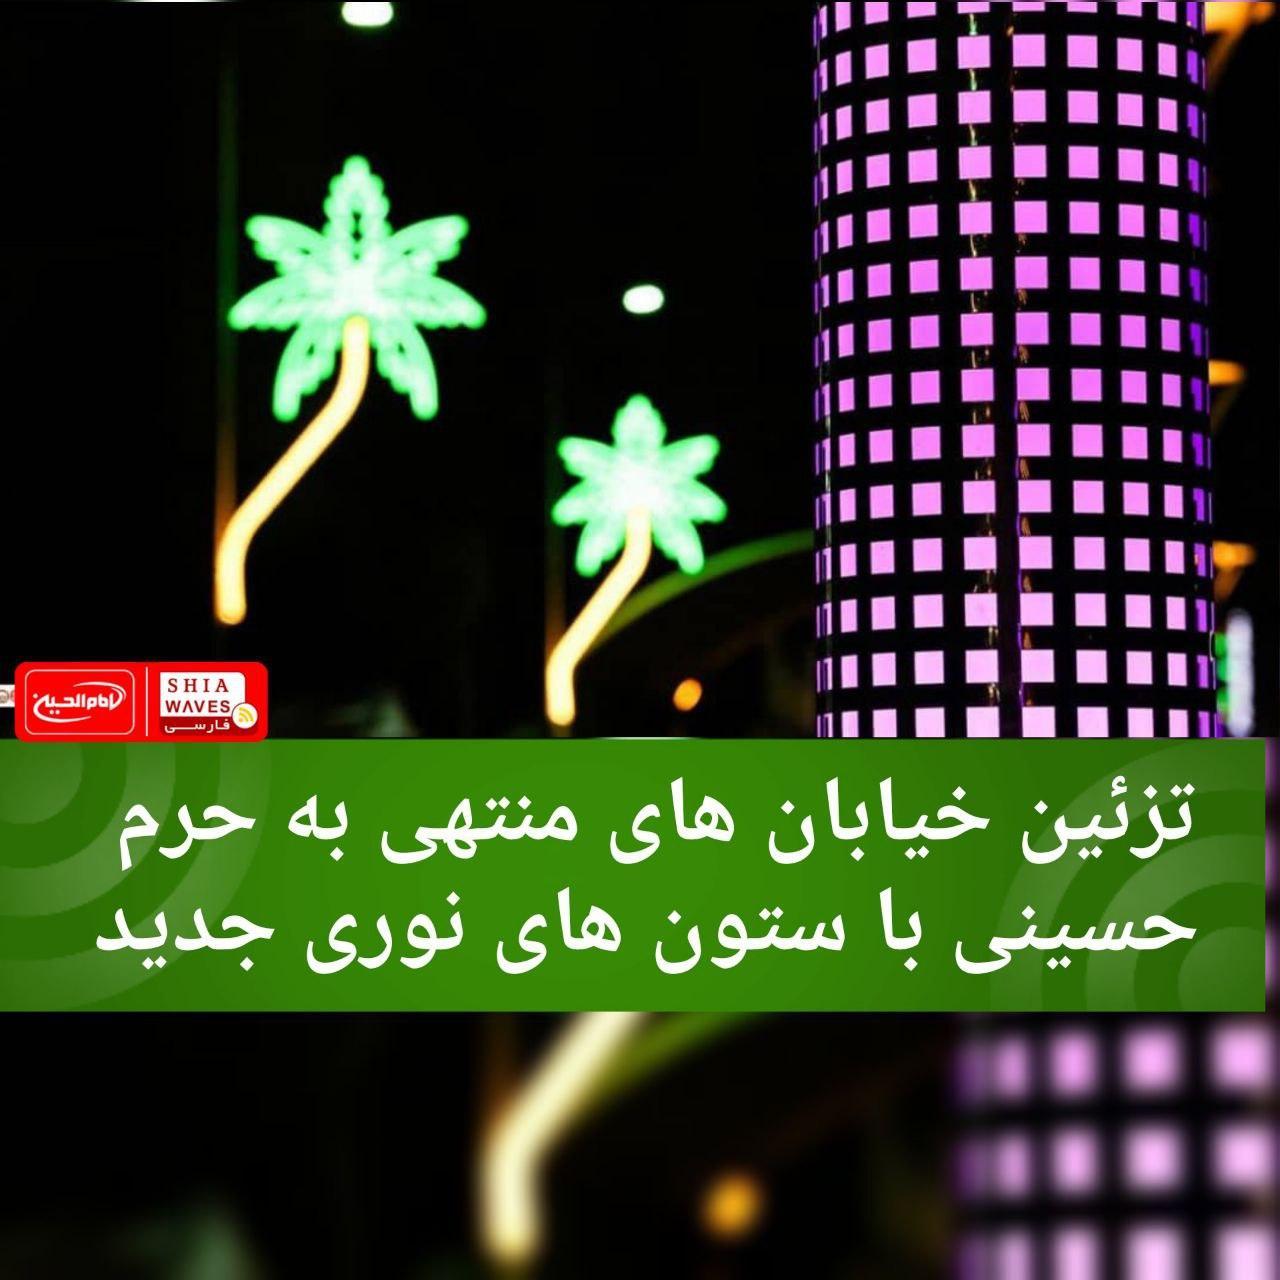 تصویر تزئین خیابان های منتهی به حرم حسینی با ستون های نوری جدید